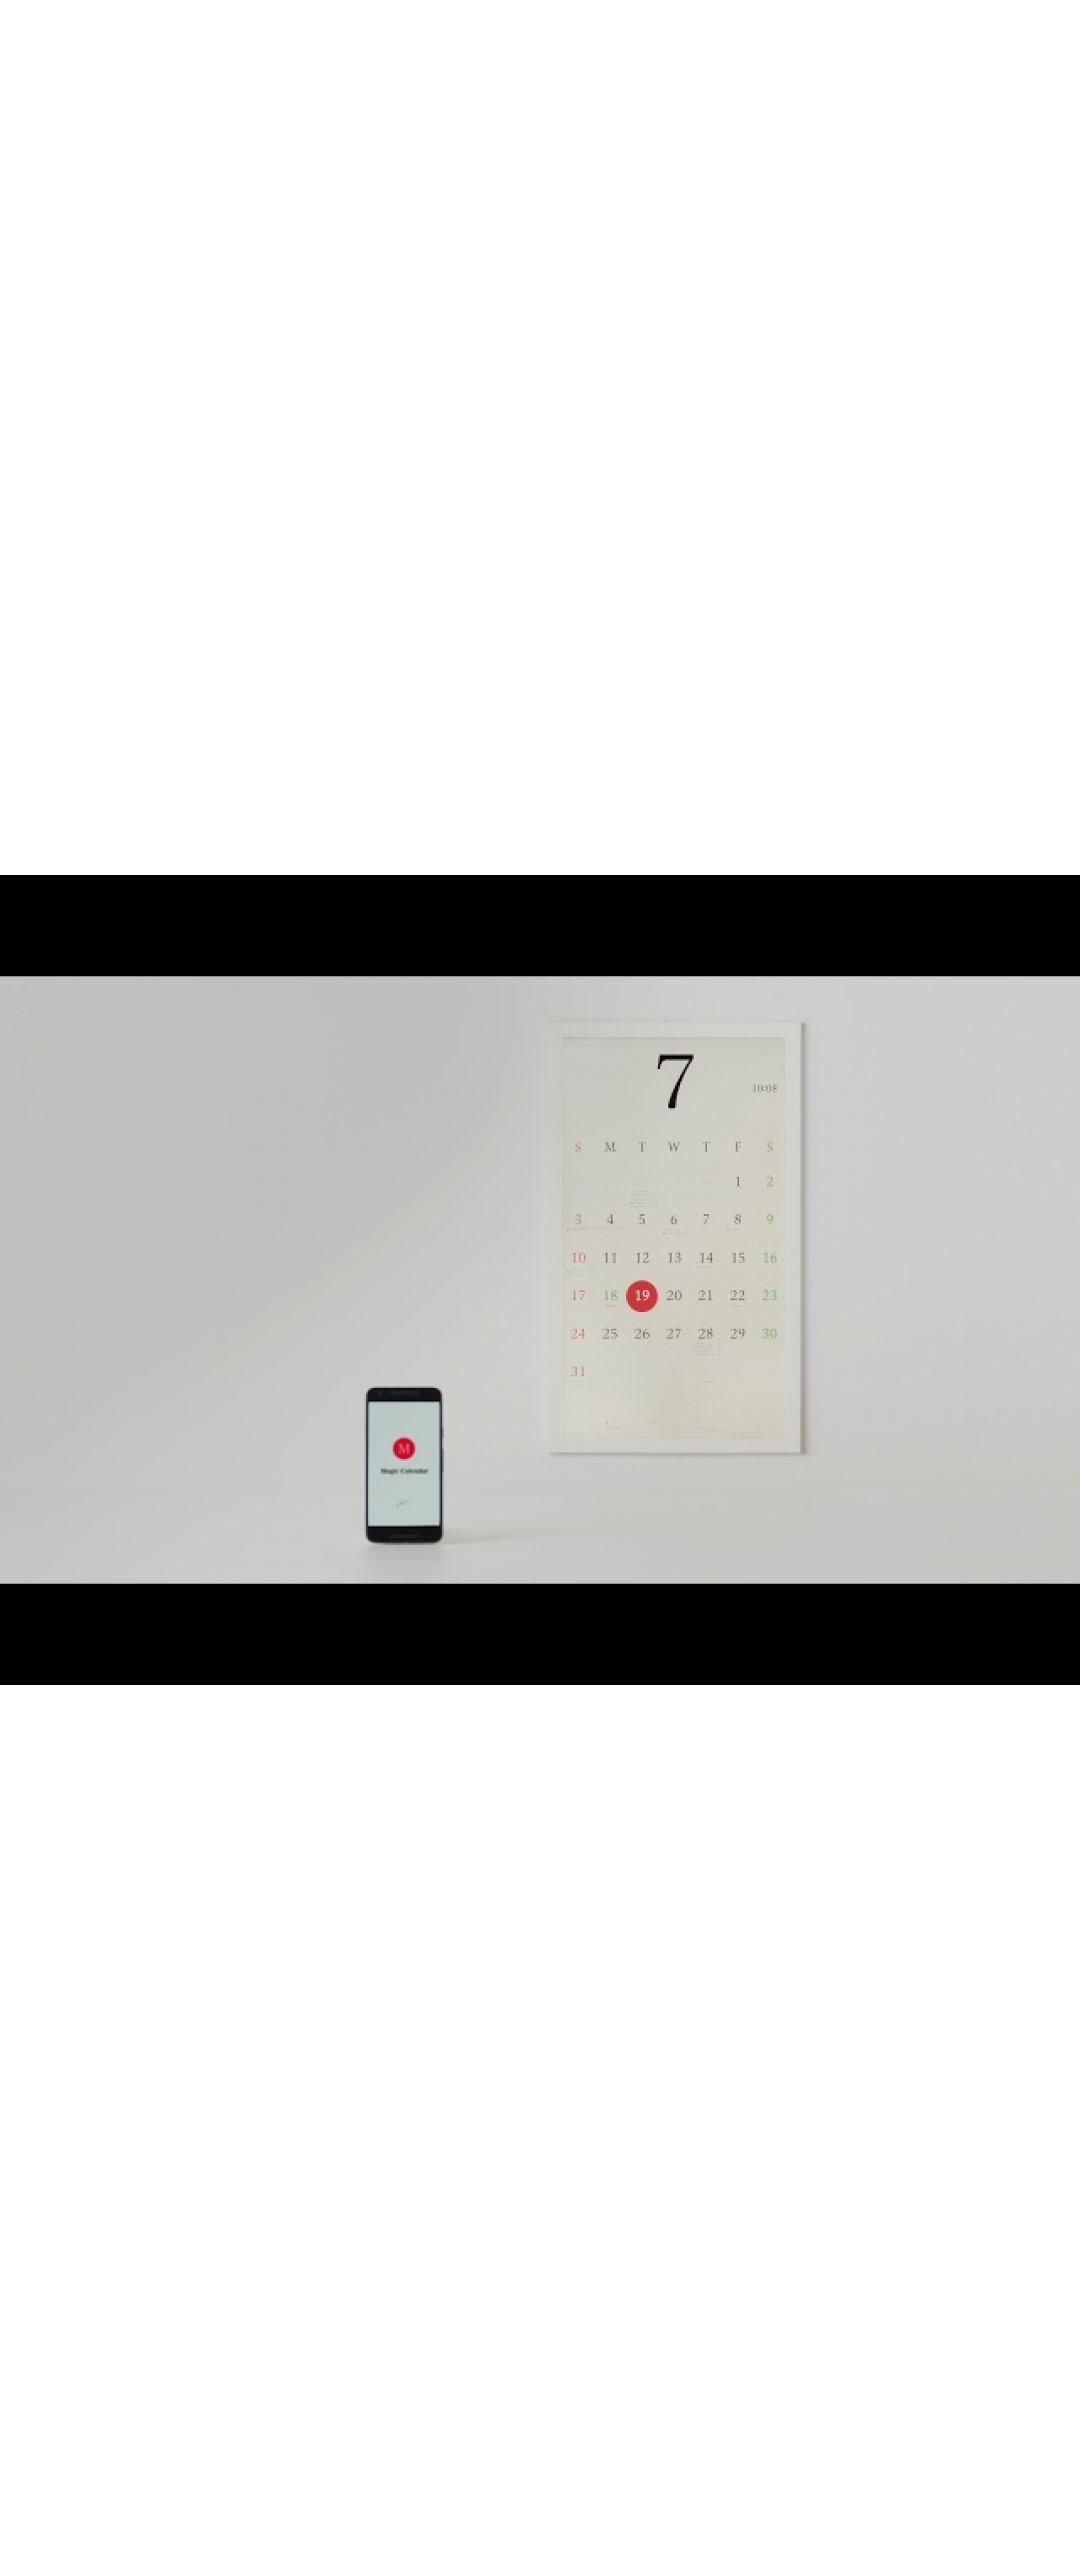 Crean calendario que se sincroniza con nuestros teléfonos móviles